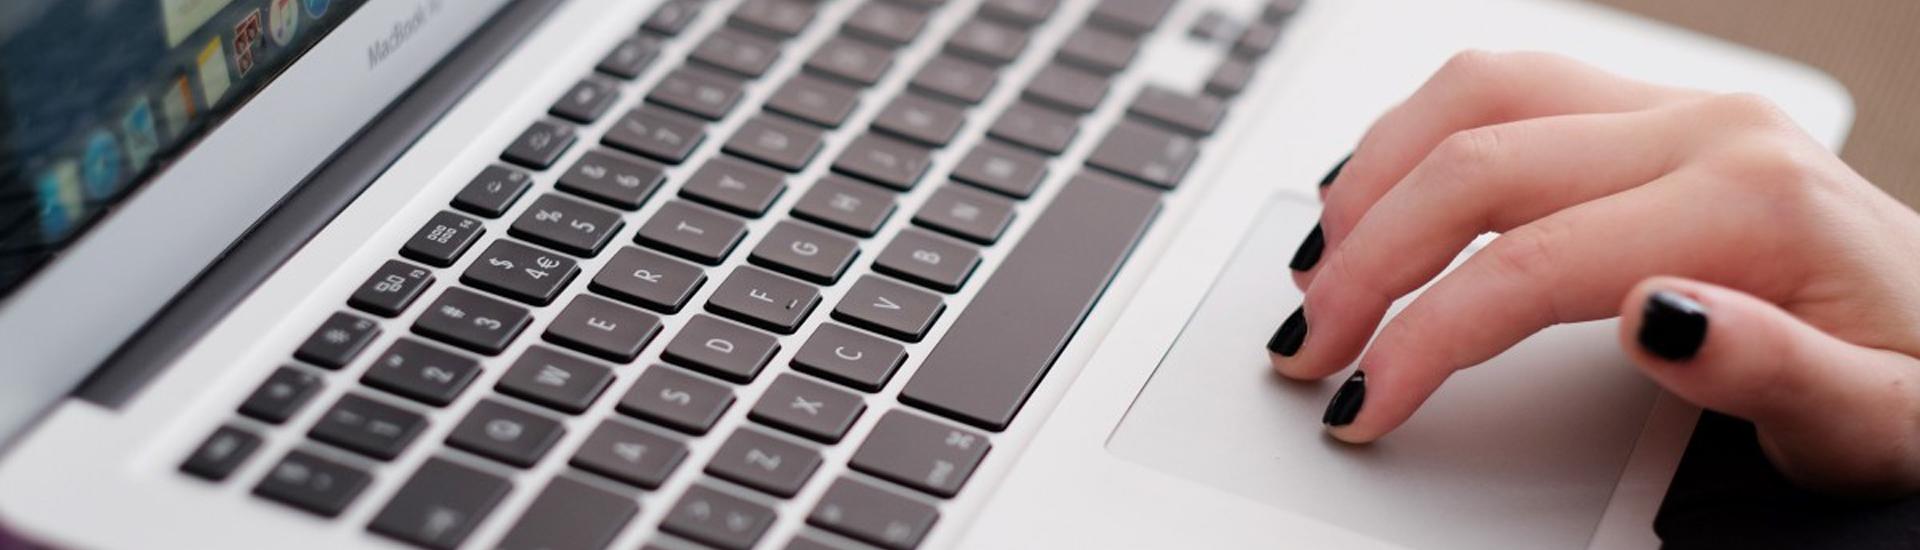 Initiation aux outils informatique et à Internet